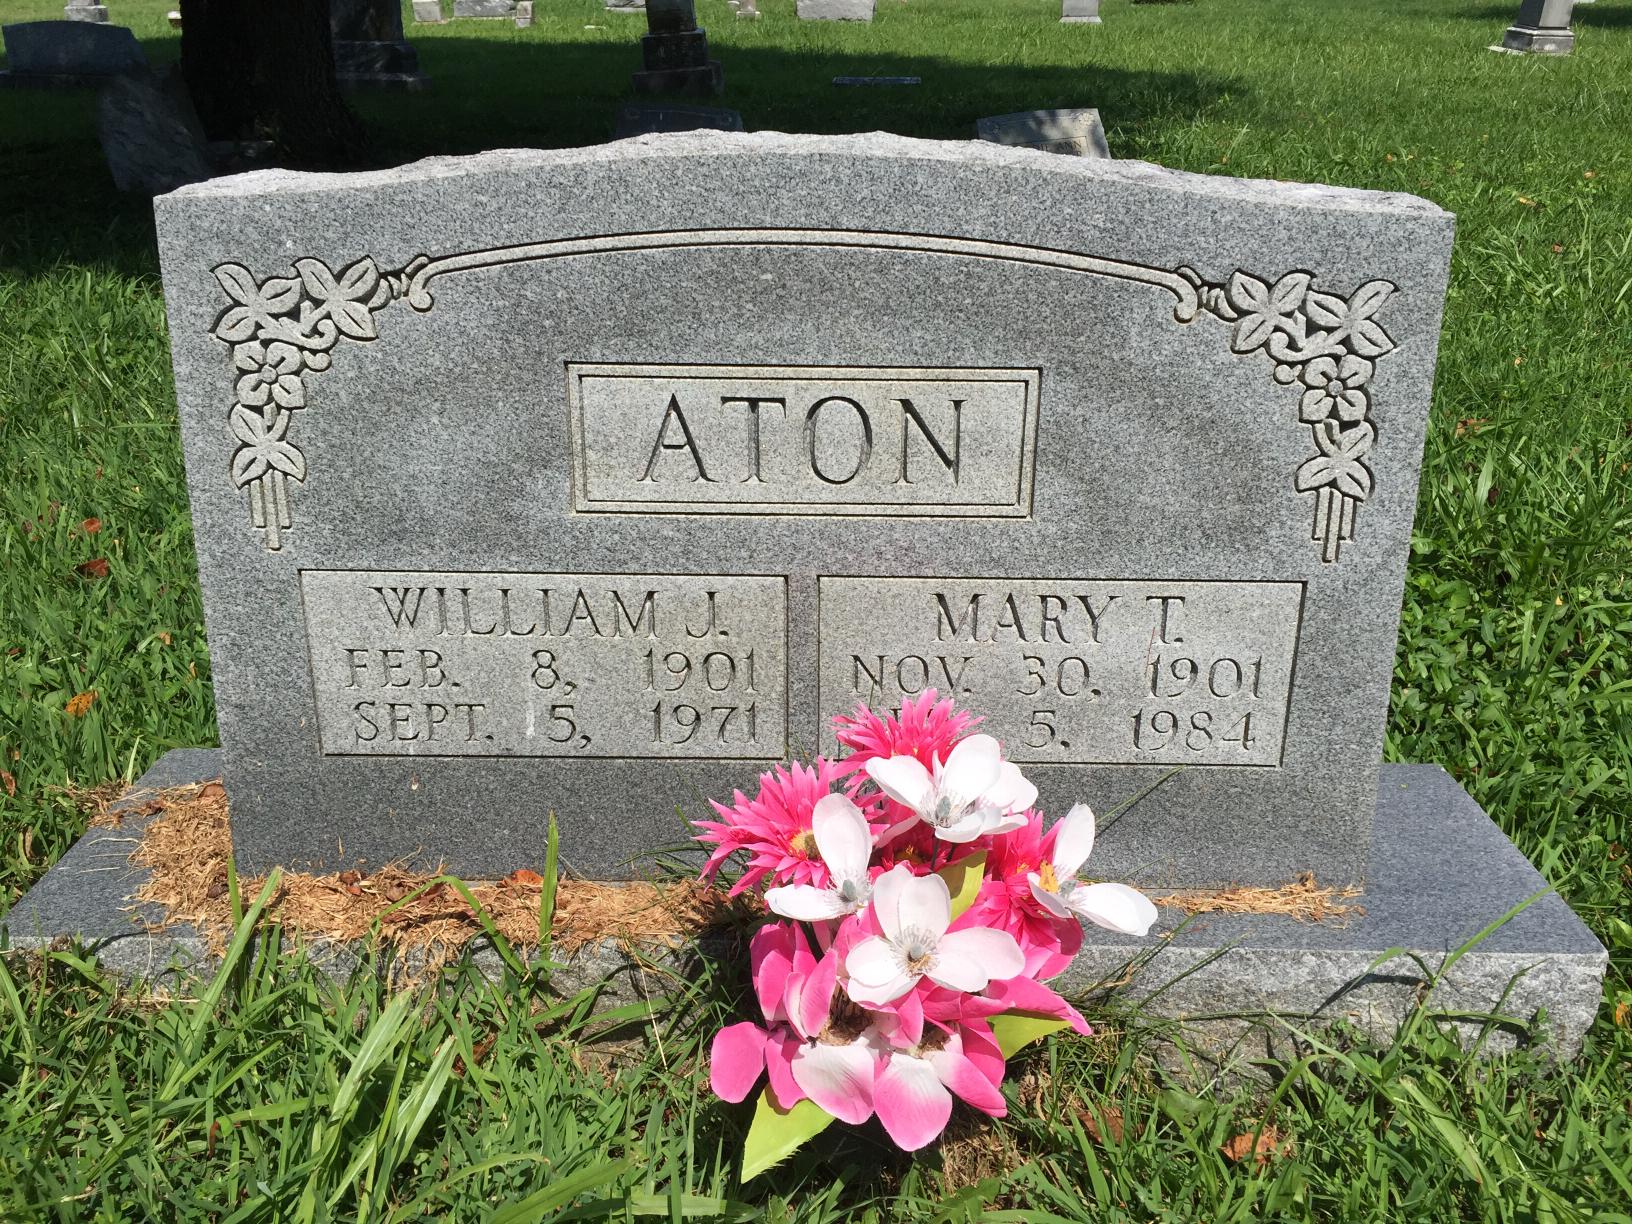 William J. Aton